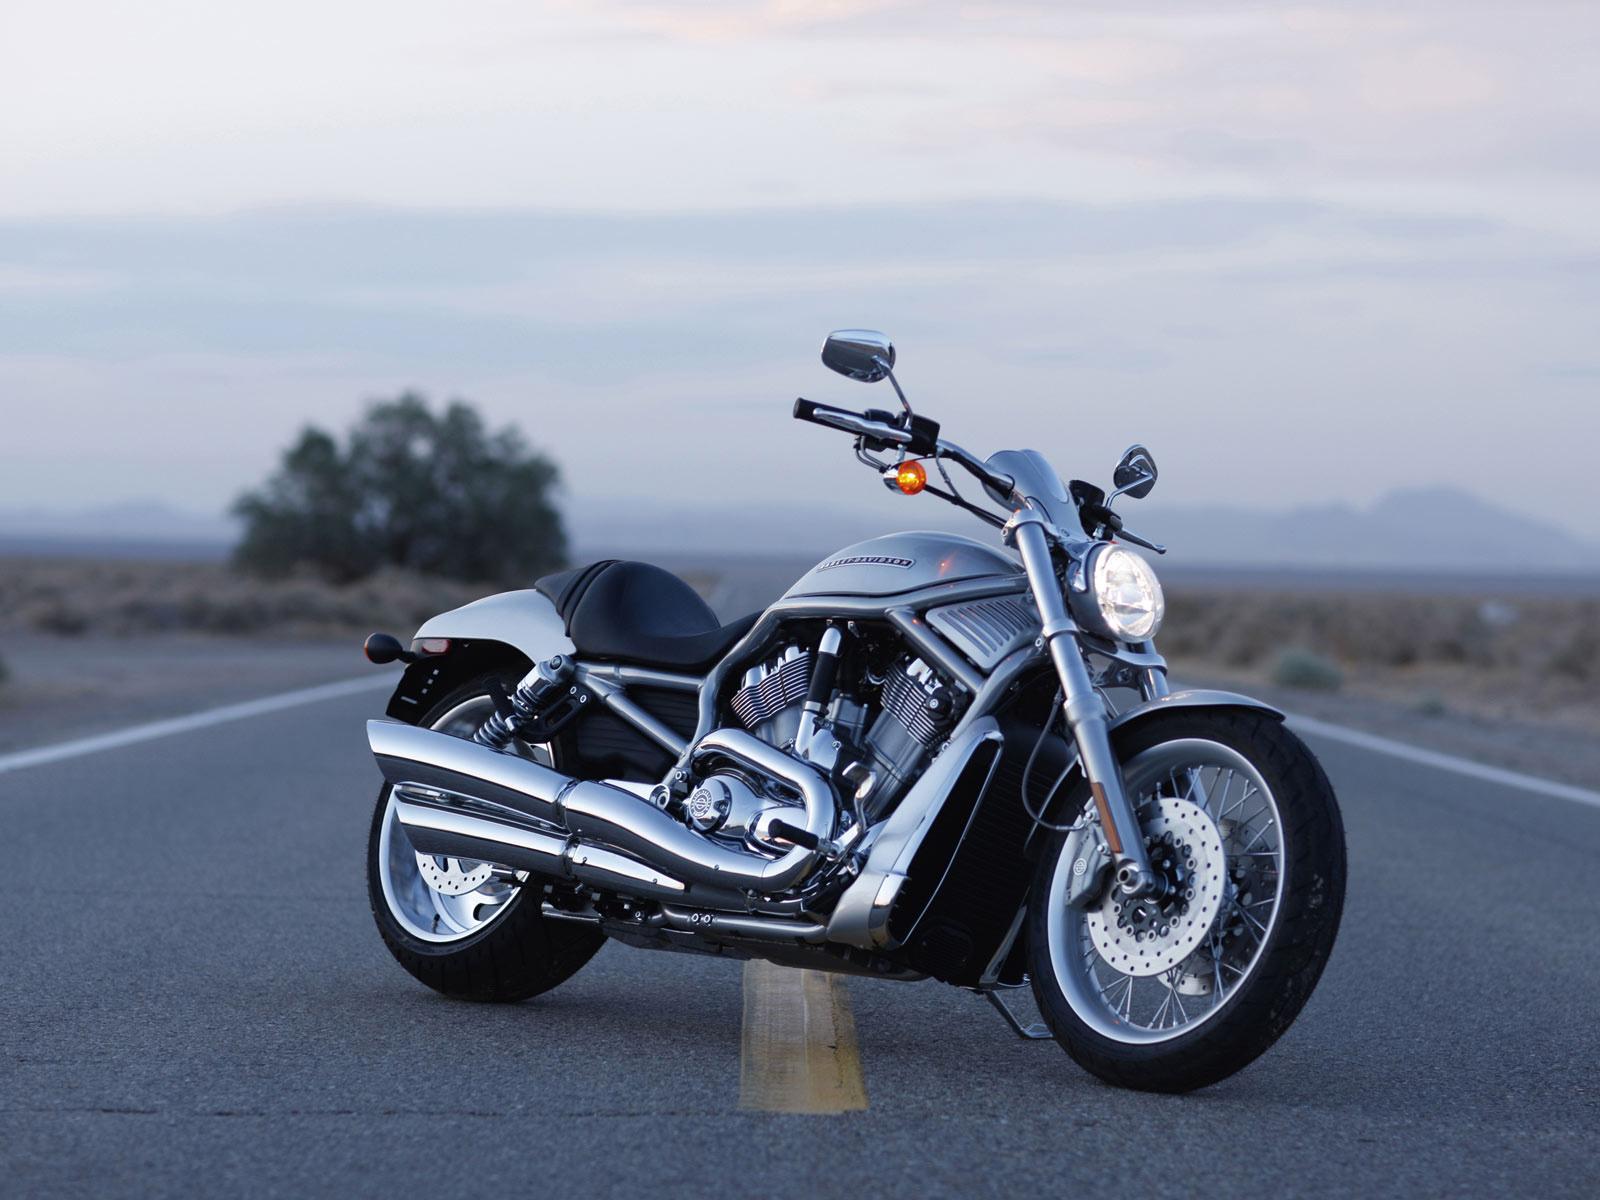 Harley Davidson Vrscaw V Rod Picture 69474 Harley Davidson